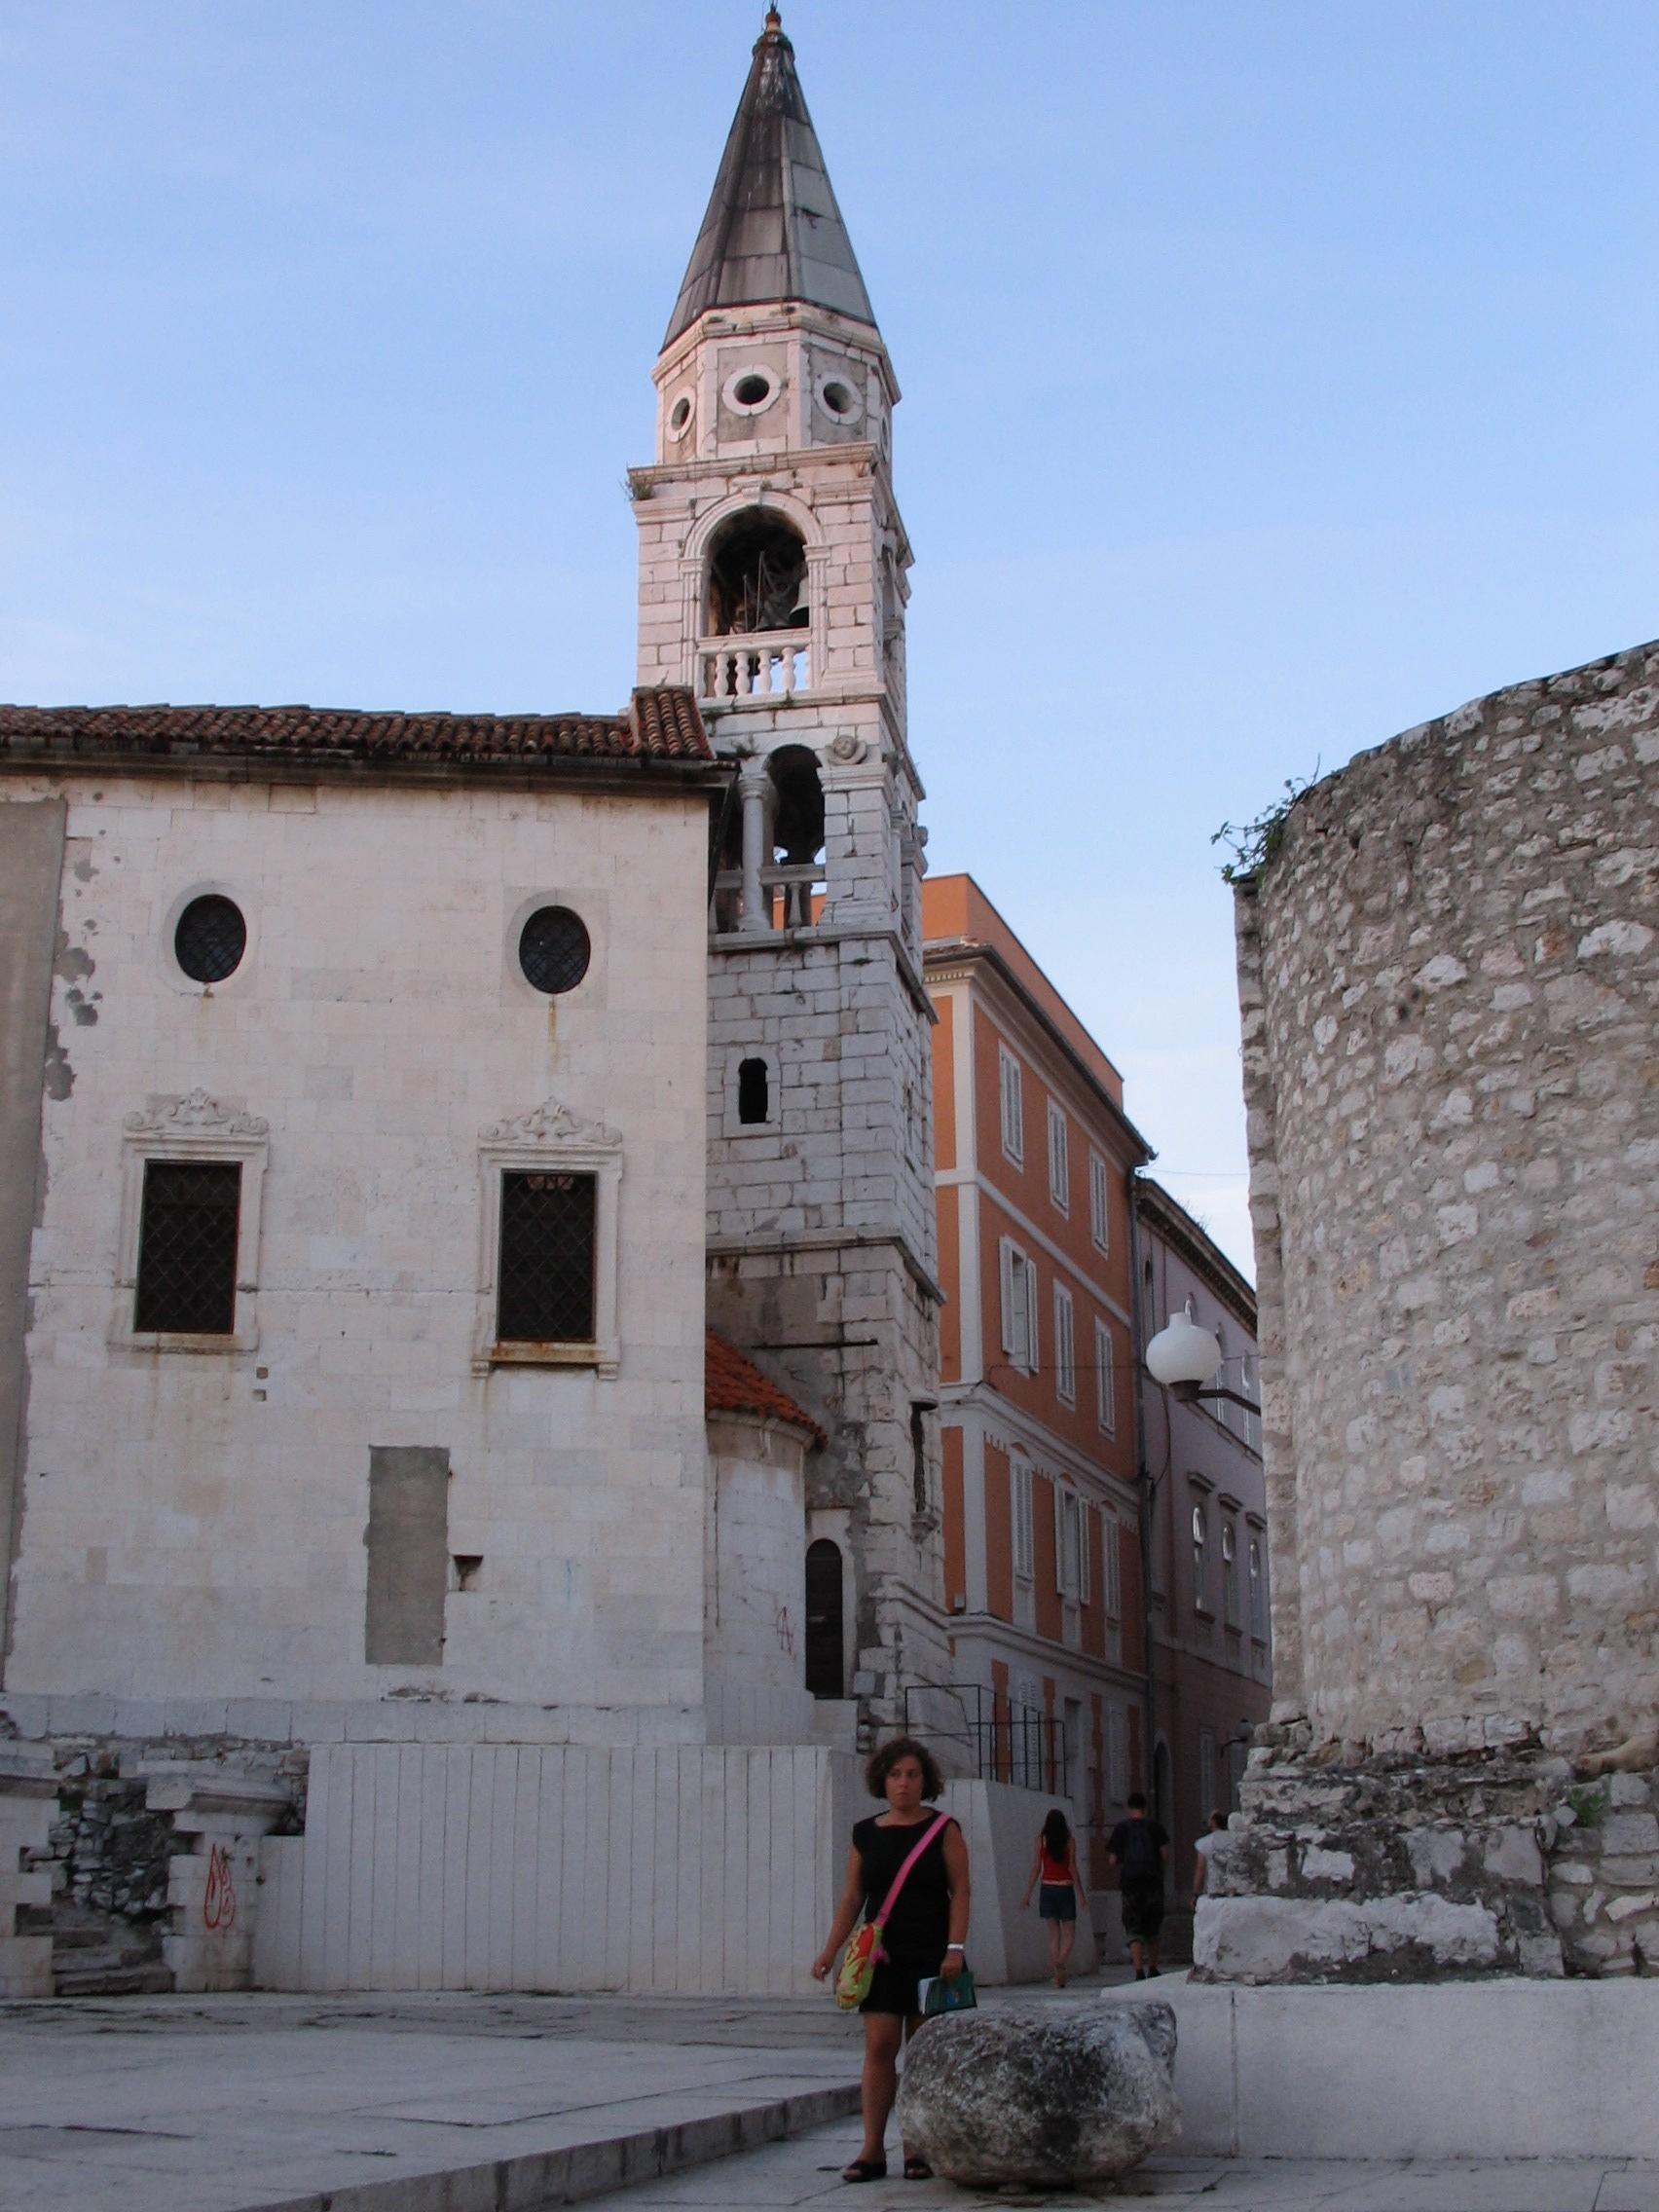 Passeggiando per la città vecchia di Zara in croazia